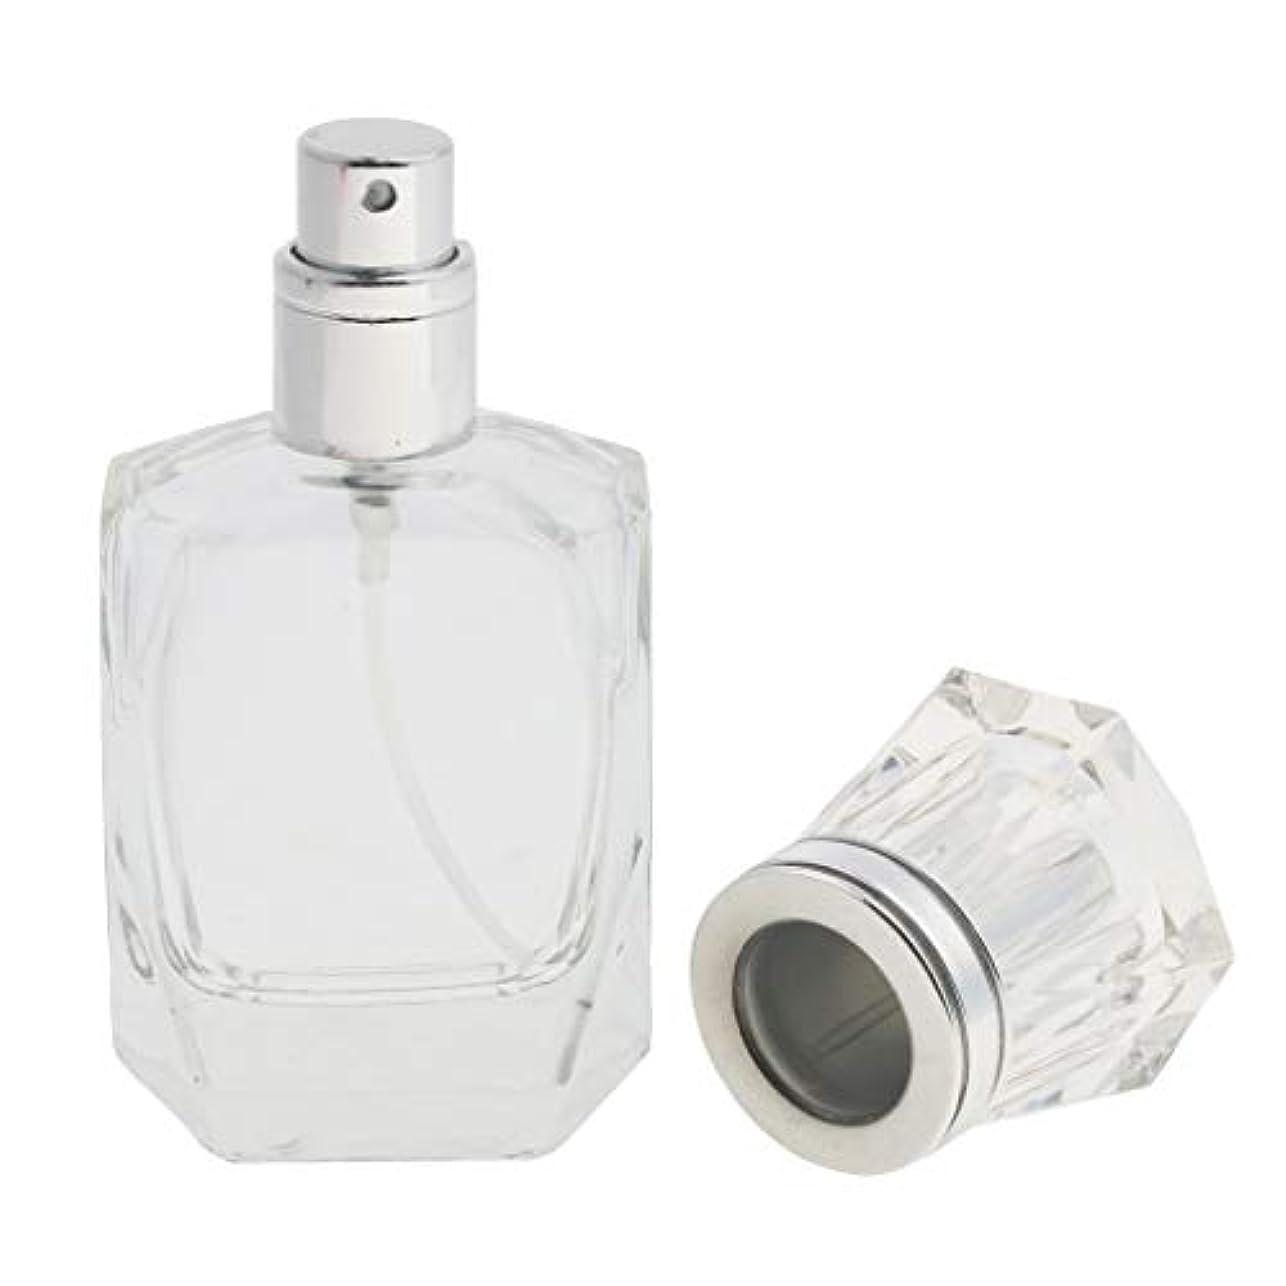 ピーク周波数強大なクリアガラス詰め替え可能な空の細かいミスト噴霧器香水メーキャップボトル30ml